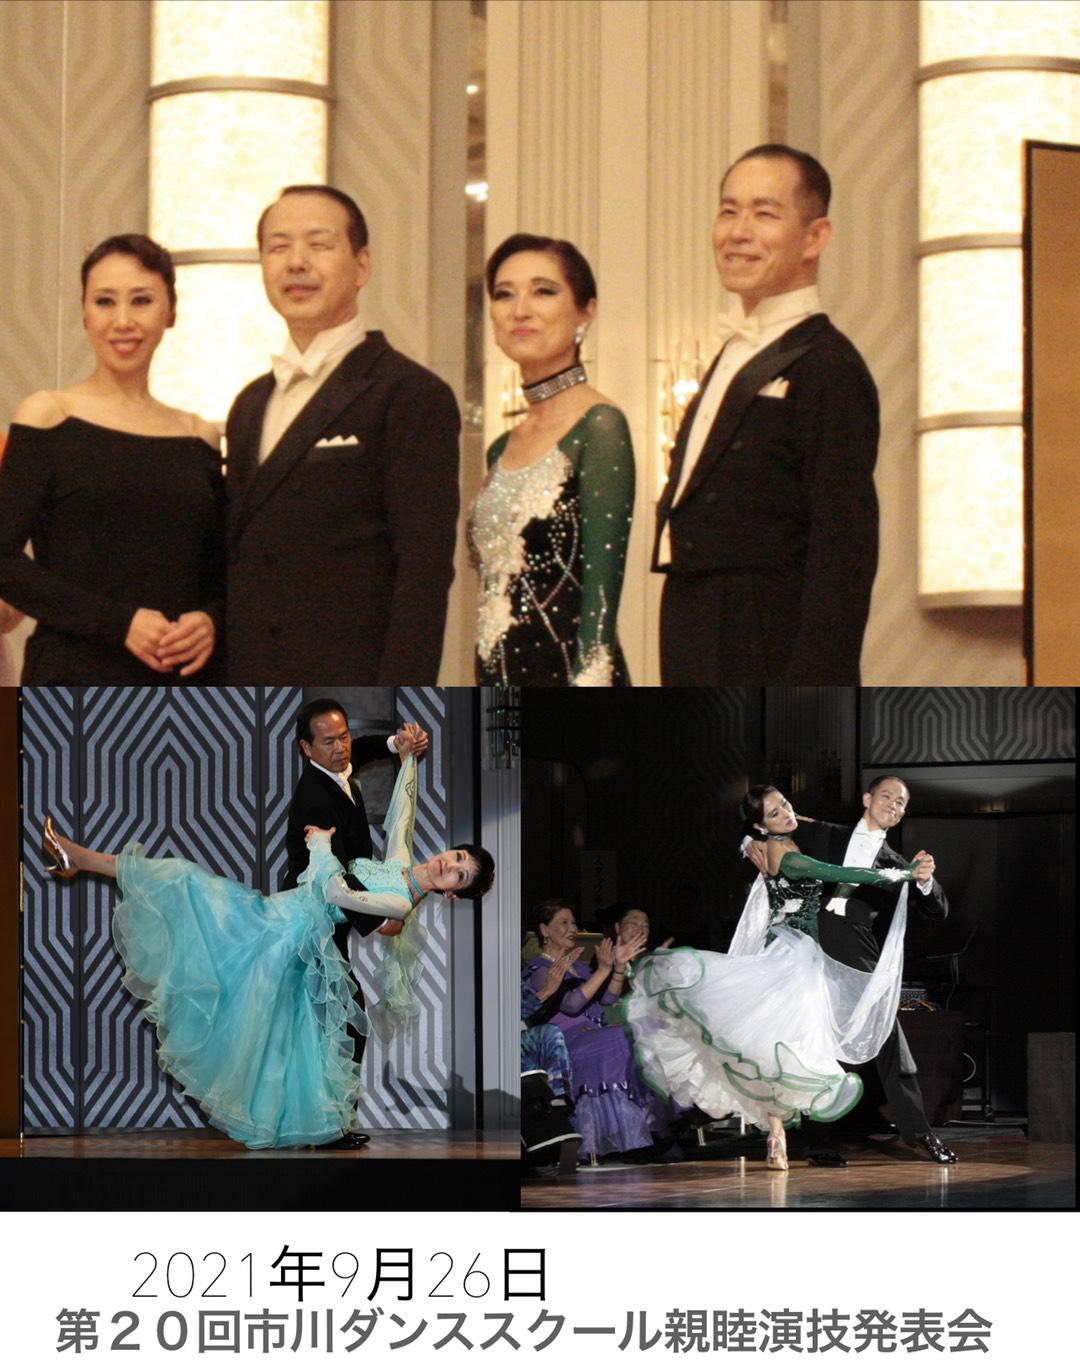 市川ダンススクール20周年記念パーティー